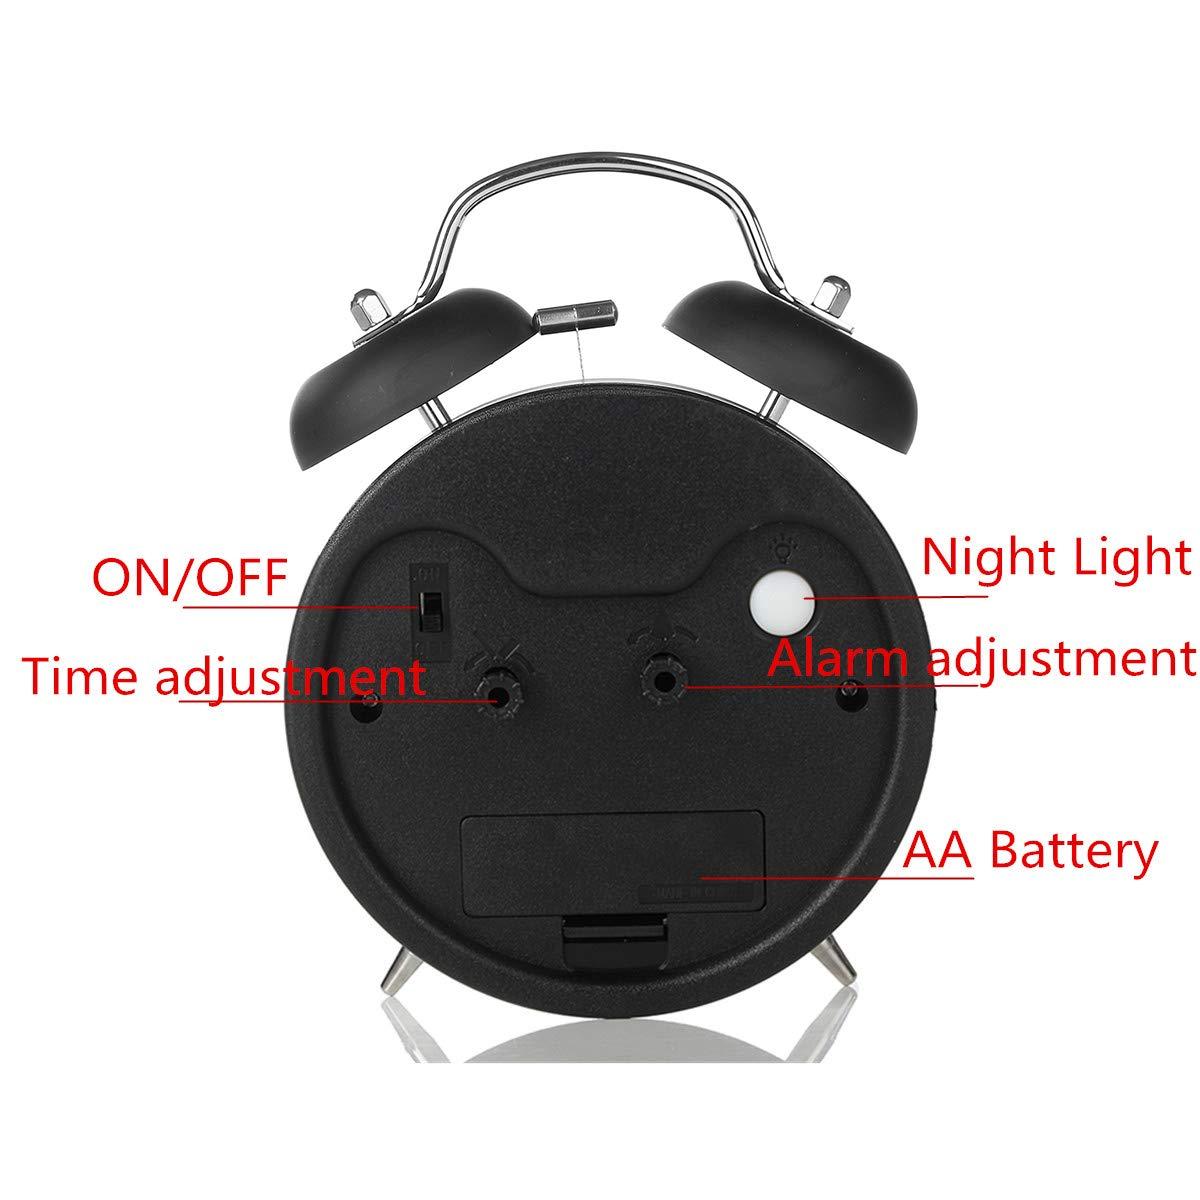 Jeteven lautlos Doppelglockenwecker 17x13x 6cm mit Nachtlicht,Analog Quarzwecker mit lautem Alarm,kein Ticken, geräuschlos (Schwarz)